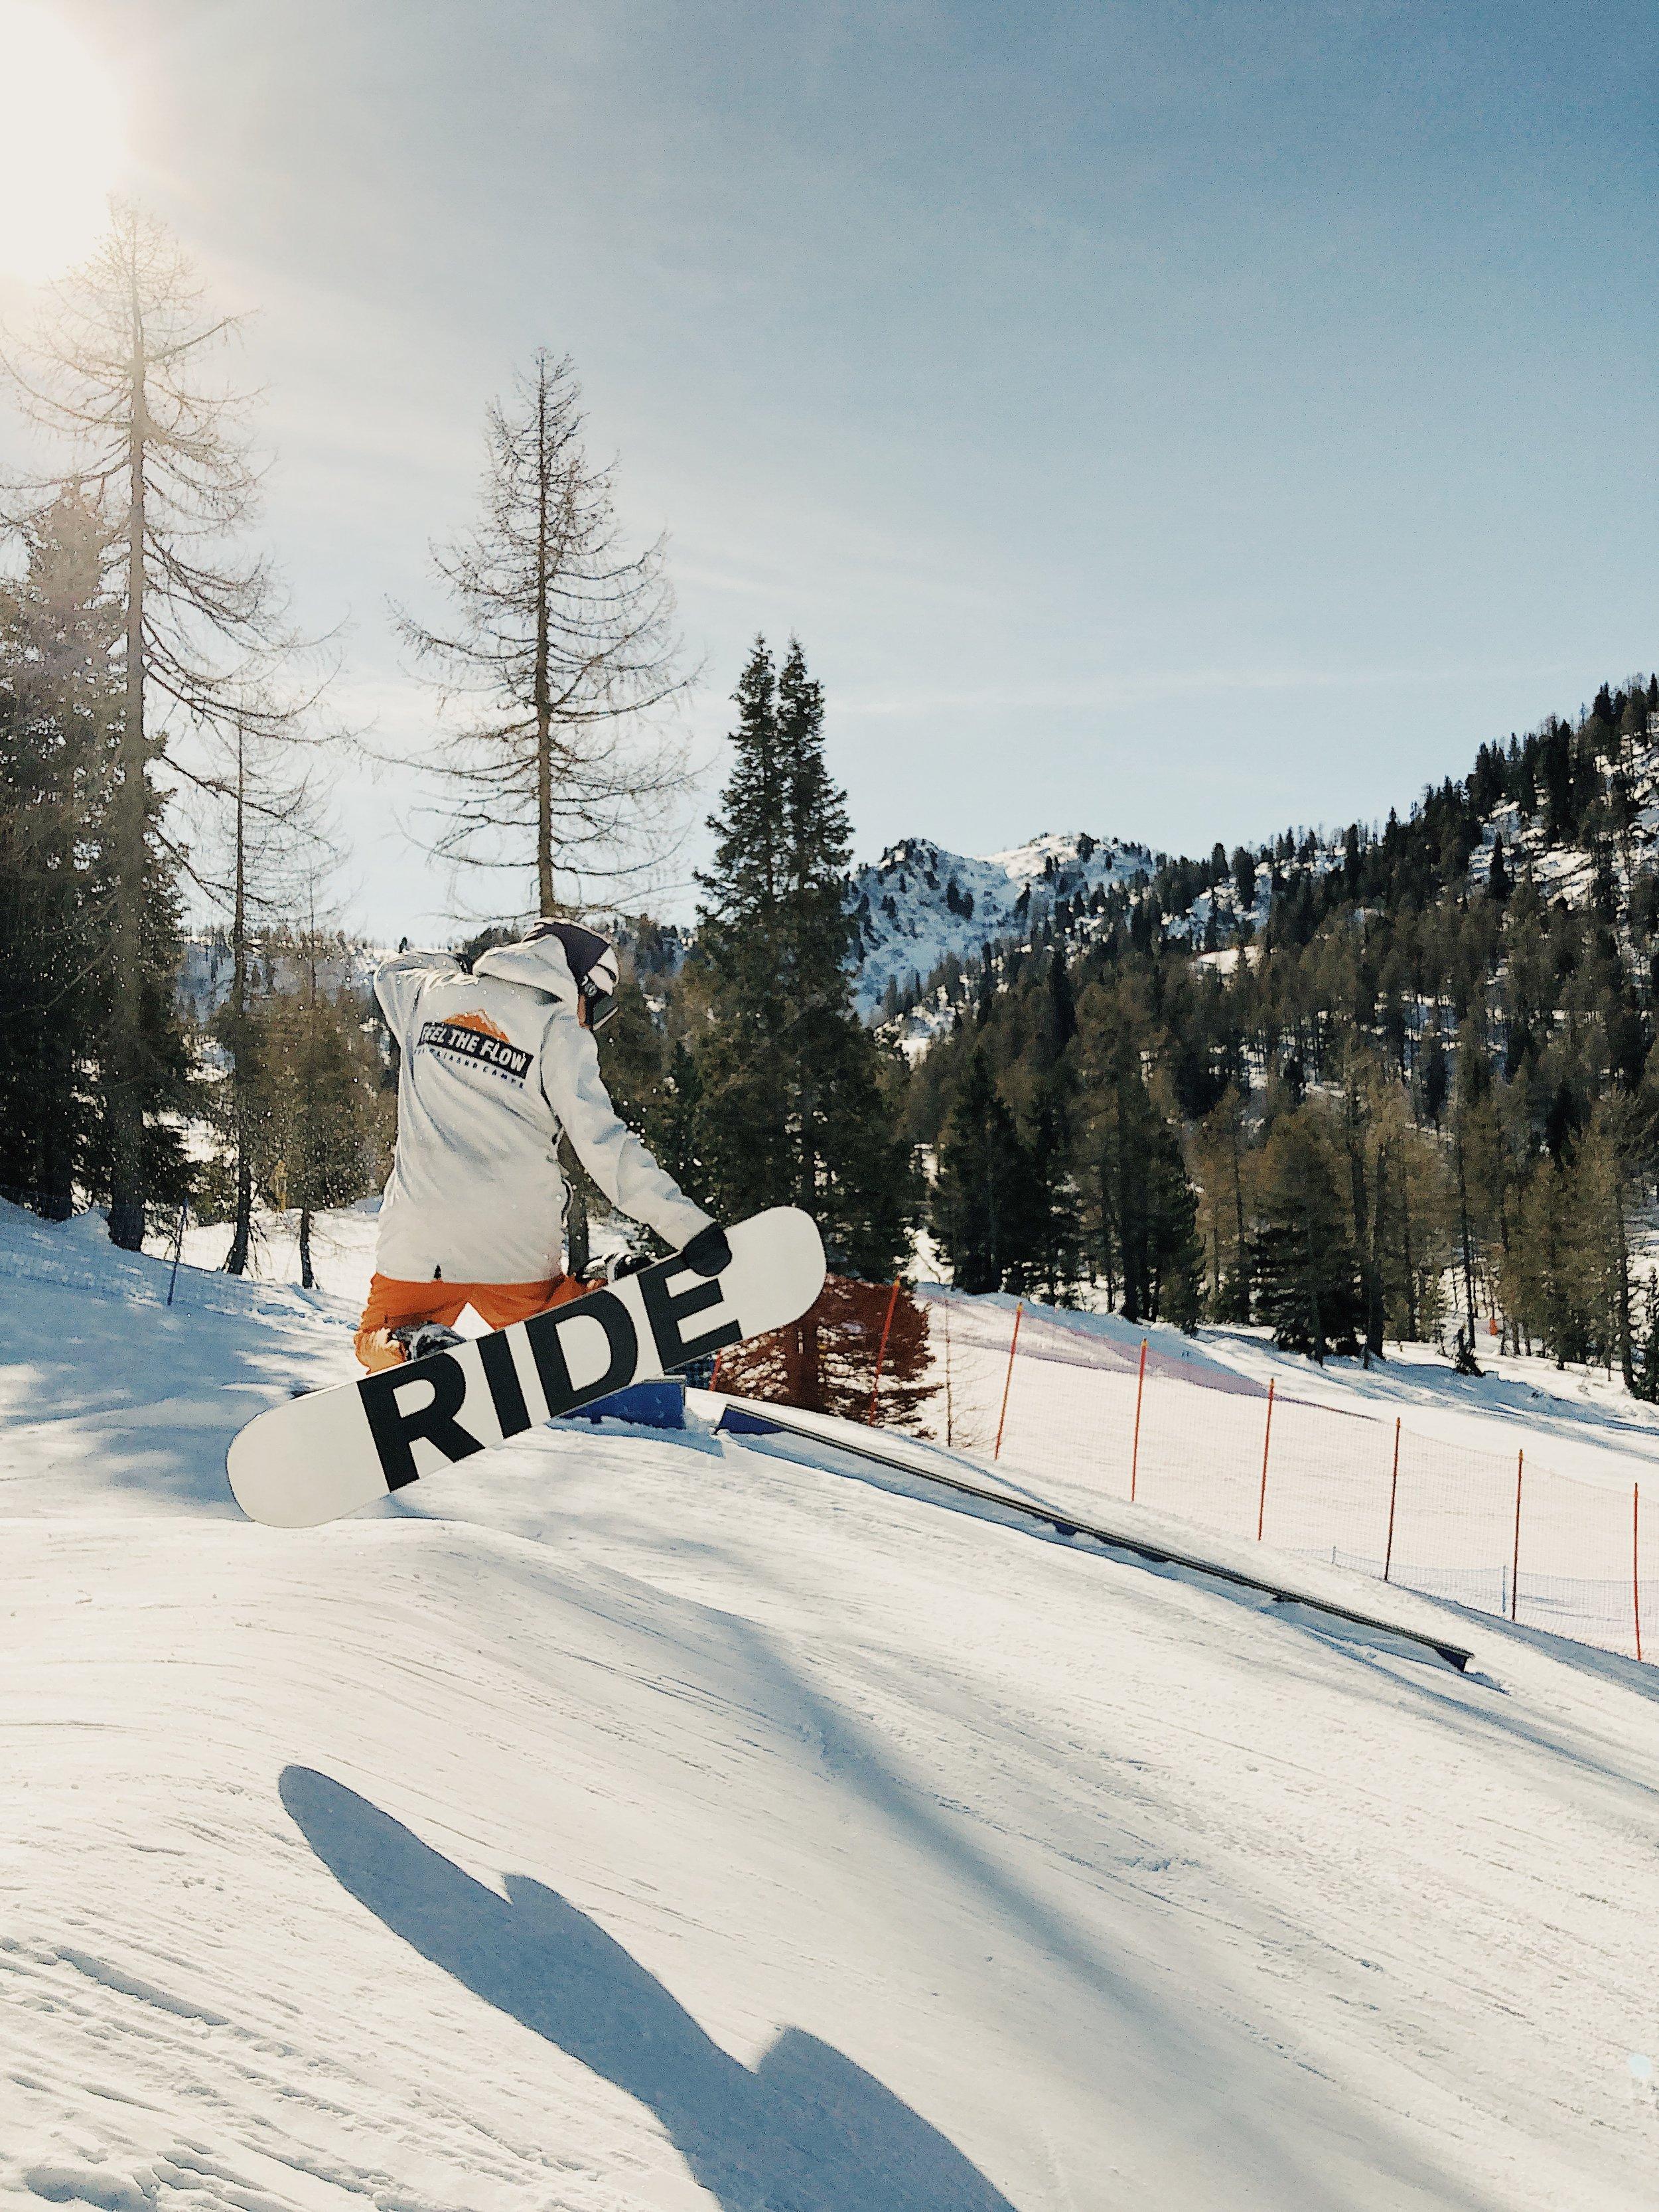 Filip uczy mnie skakać w snowparku, jeszcze się nie nauczyłem ;)